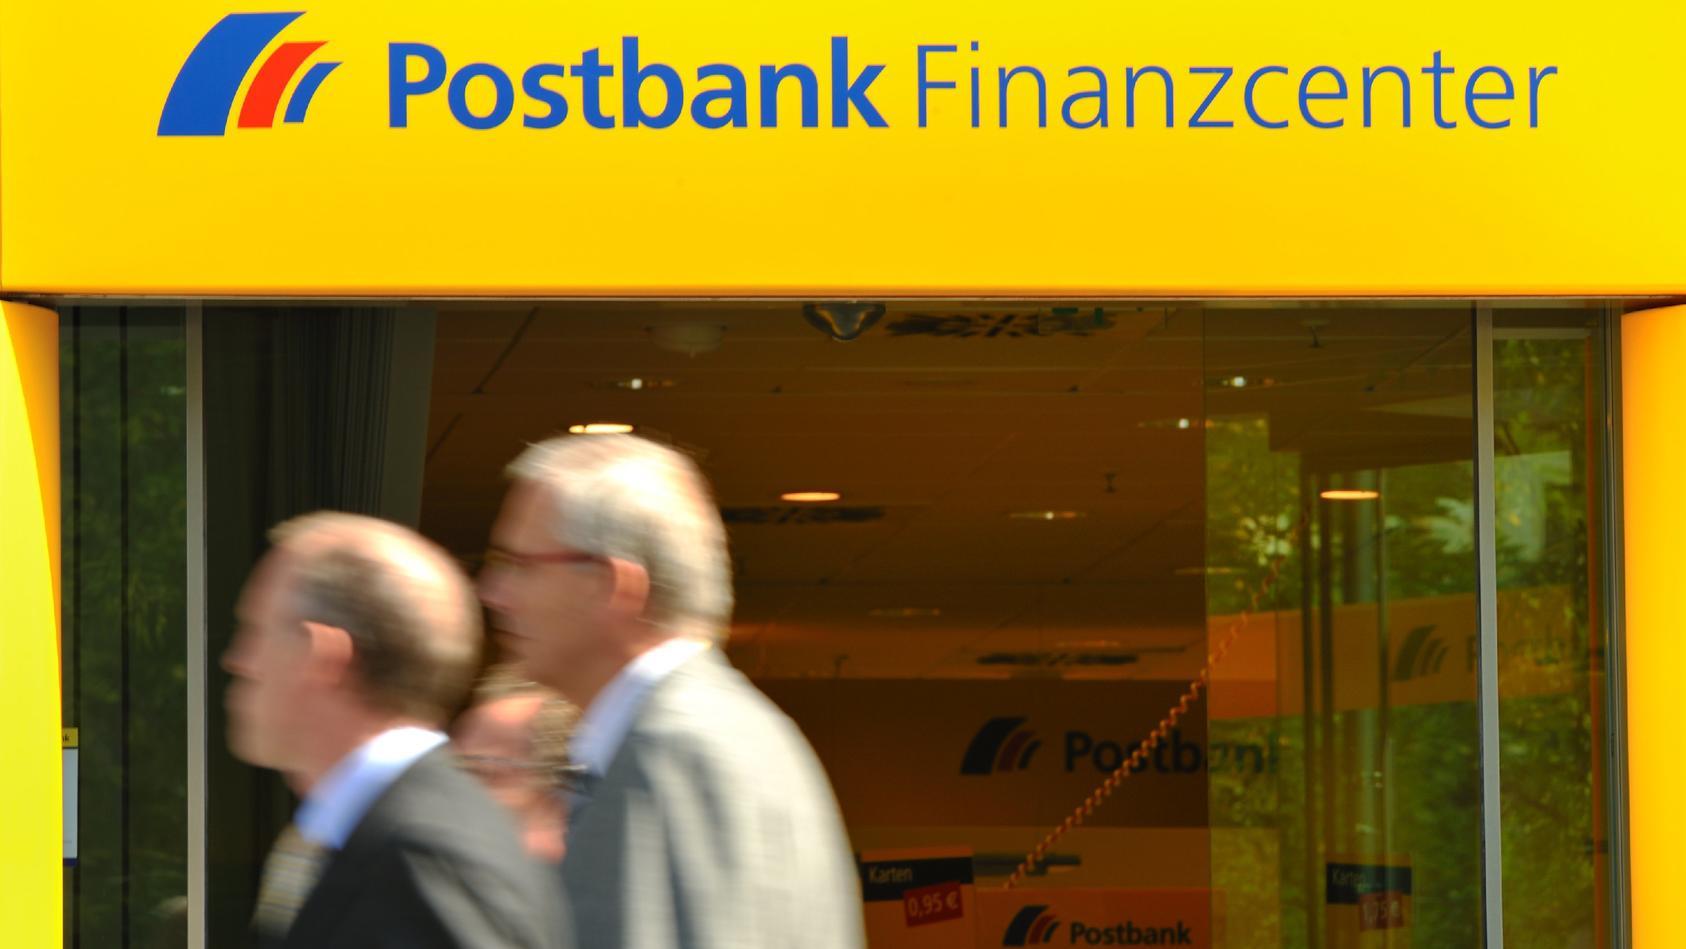 Schon bald könnte der Weg zur nächsten Postbank-Filiale für viele Kunden deutlich länger werden